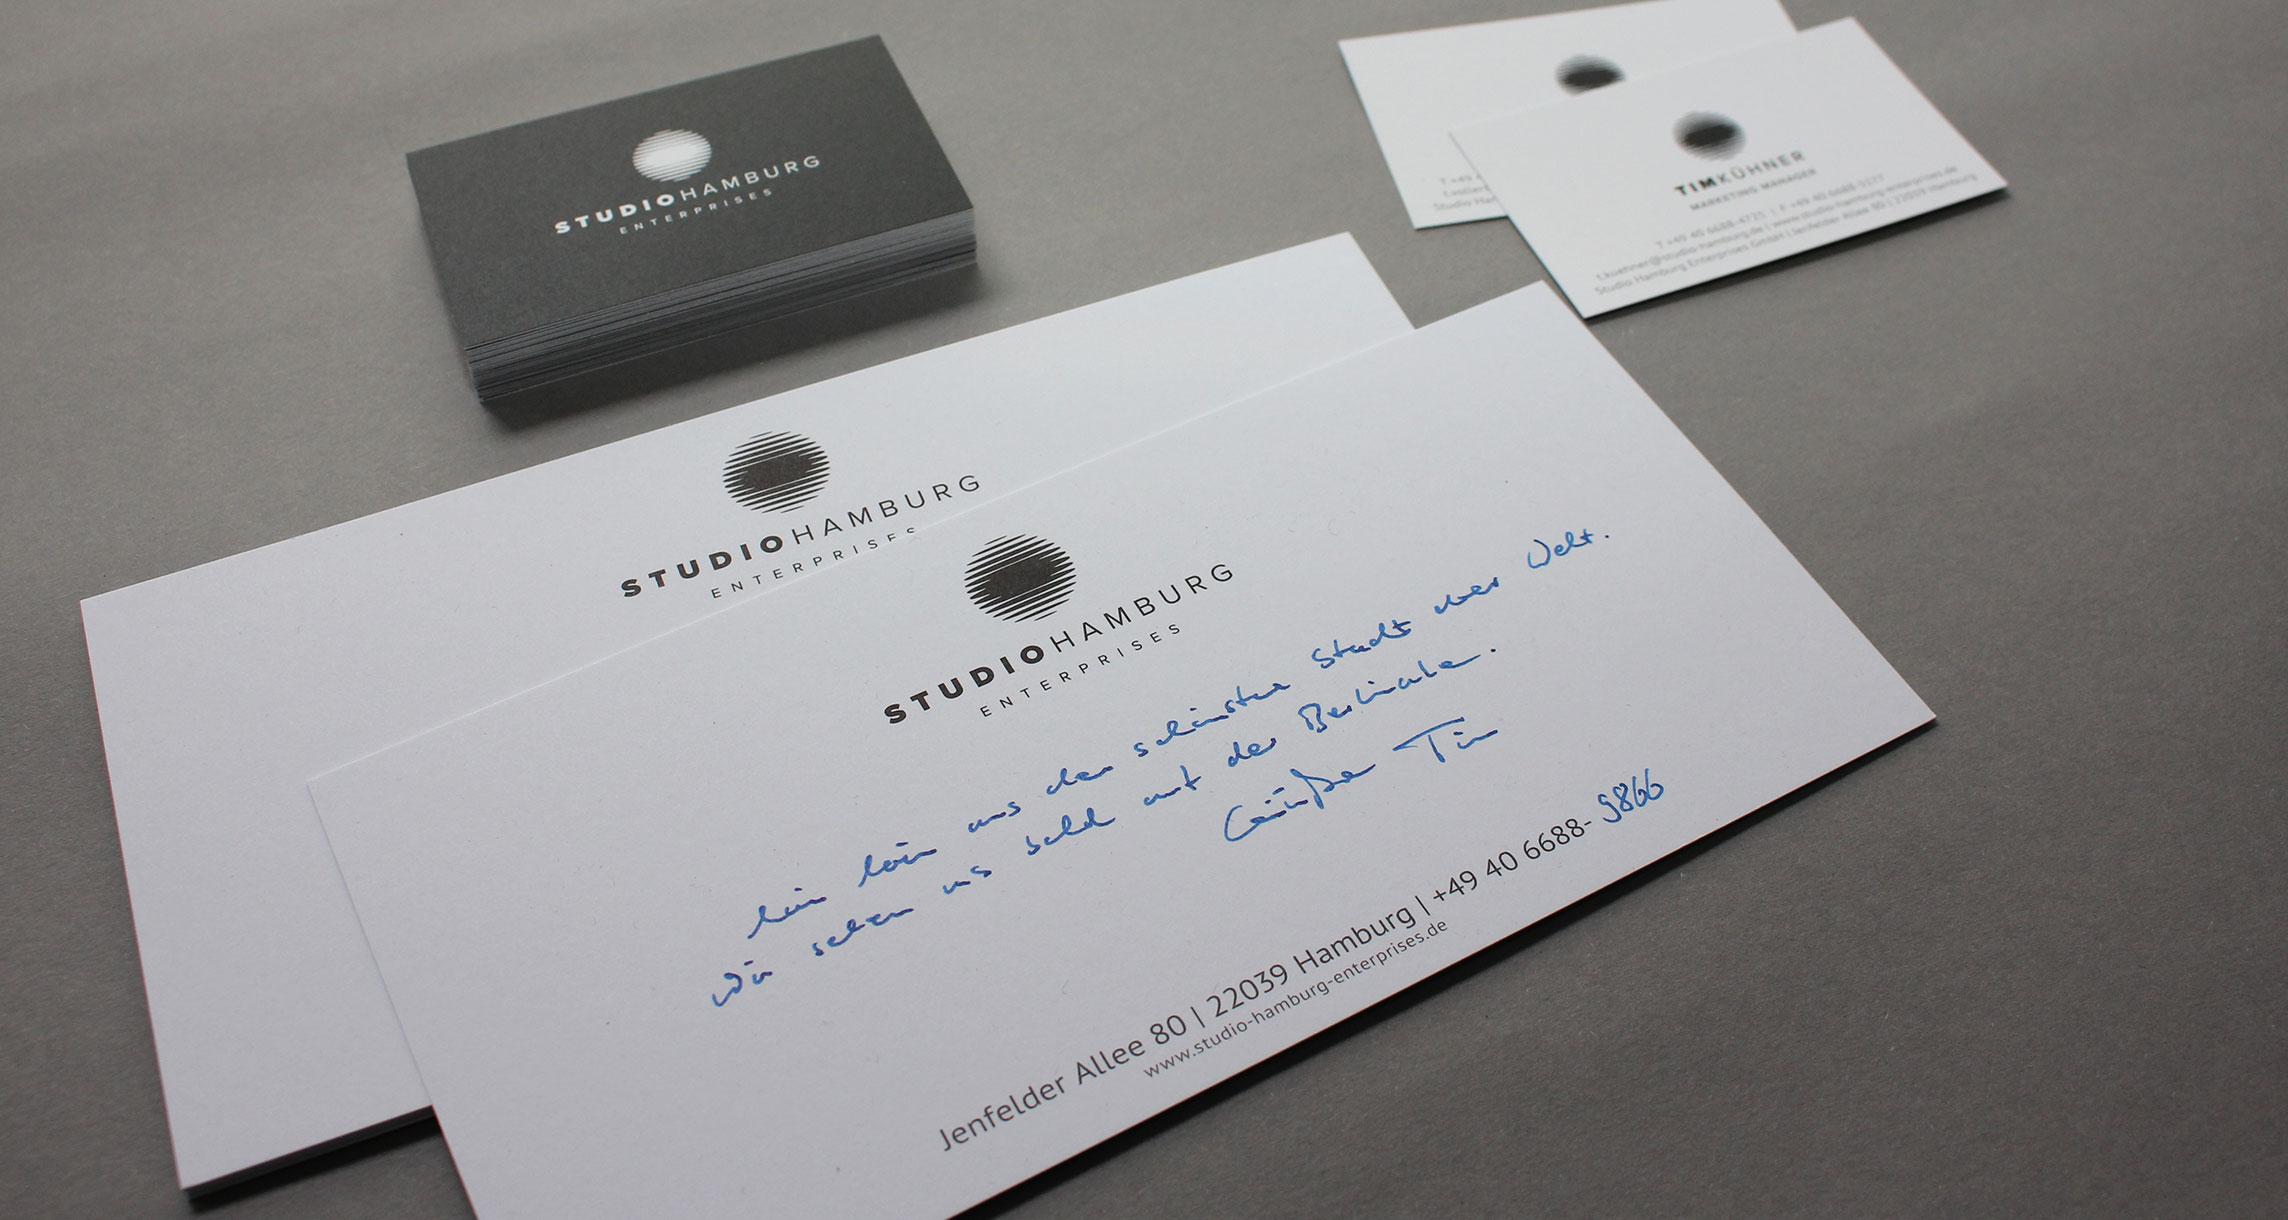 Geschäftsausstattung Studio Hamburg Enterprises: Visitenkarten und Grußkarte